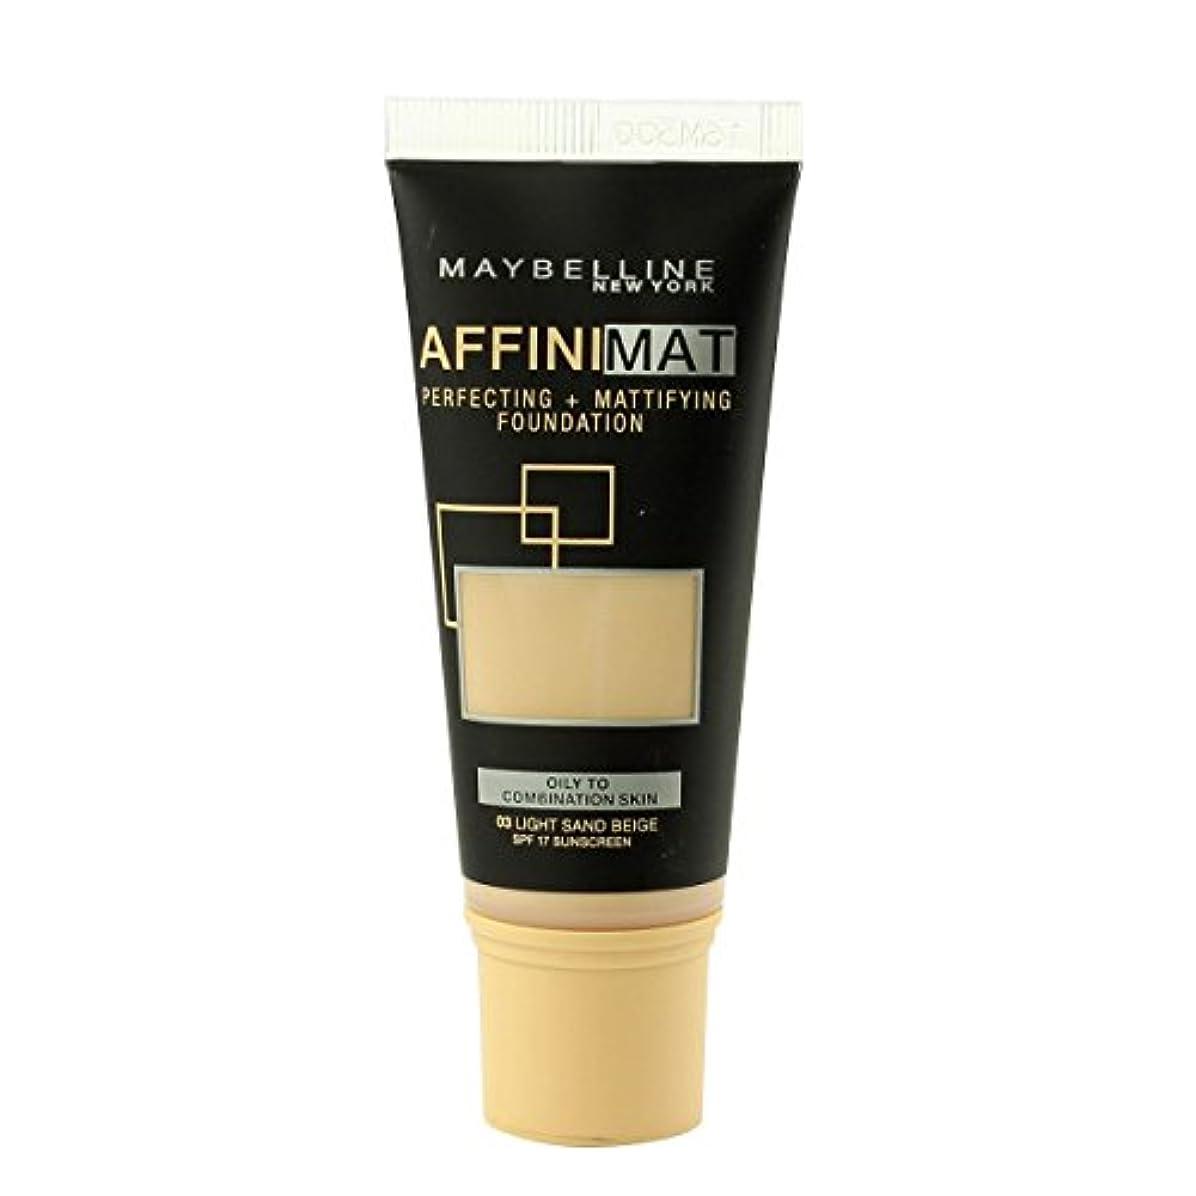 マエストロフロンティア詳細なMaybelline Affinimat Perf.+Mattif. Foundation SPF17 (03 Light Sand Beige) 30ml